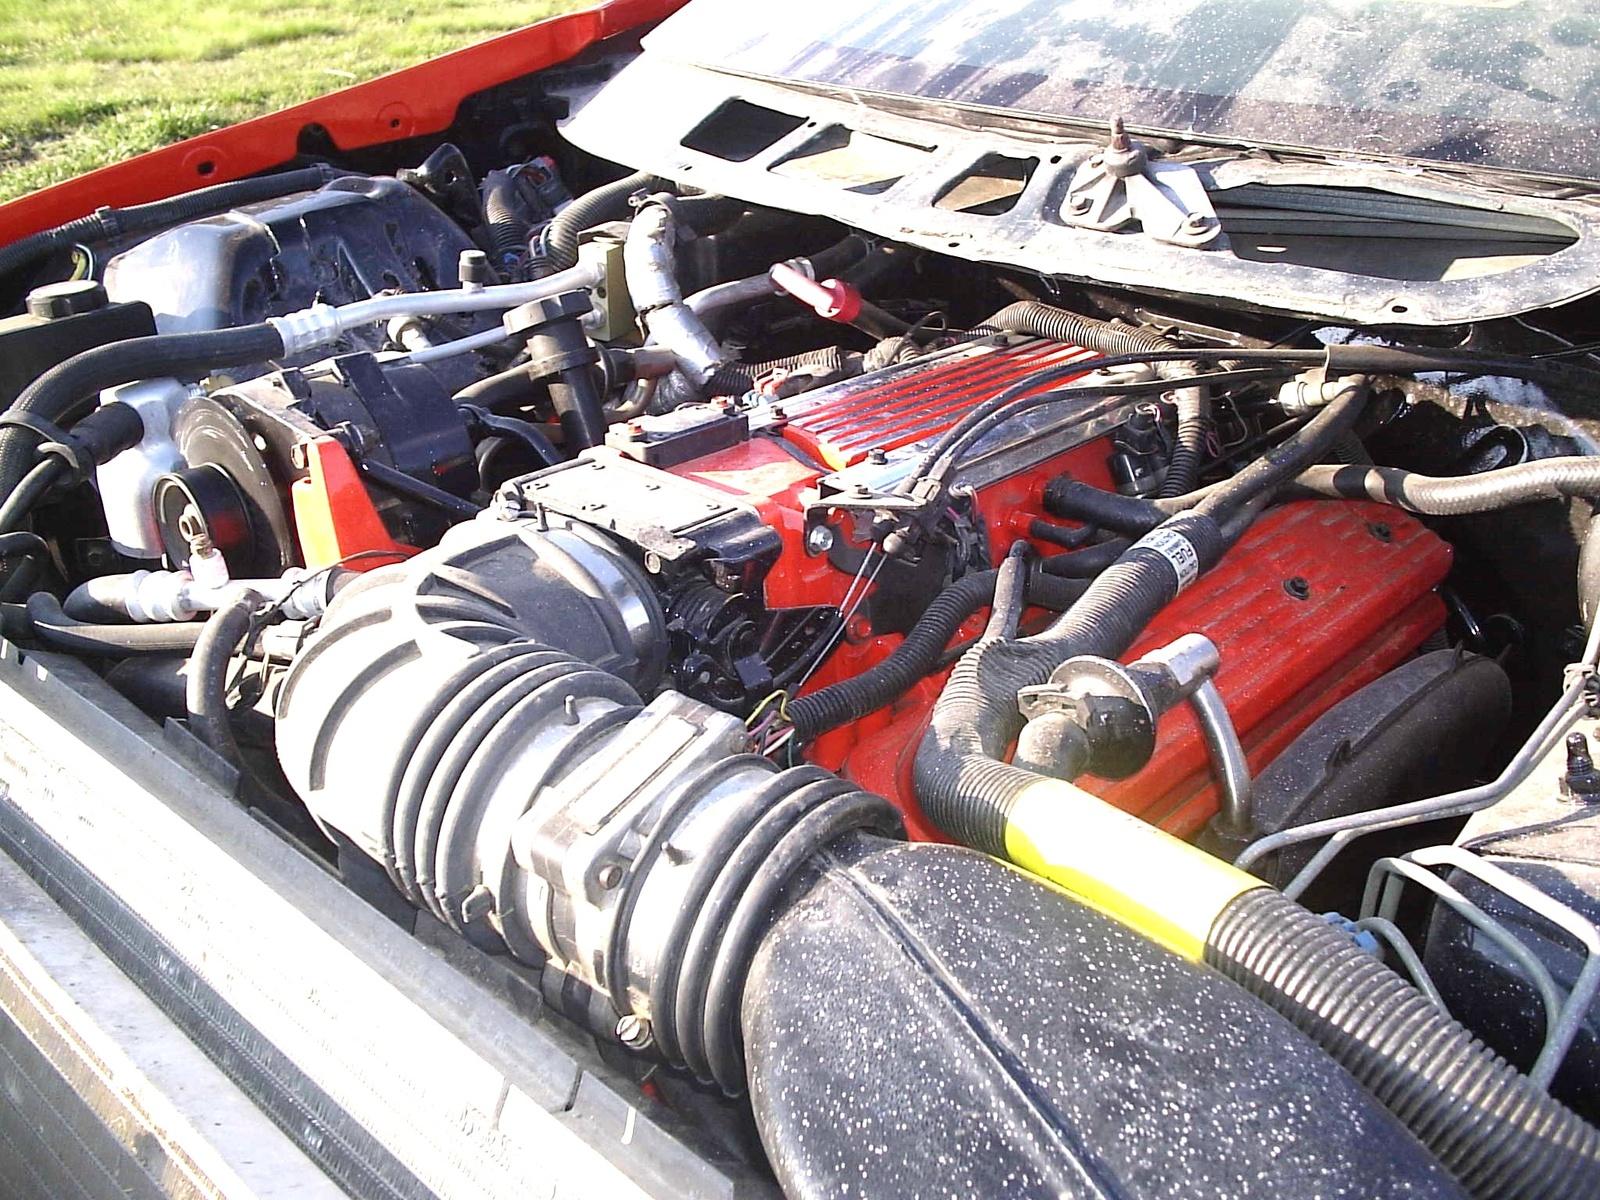 1994 Chevrolet Camaro - Other Pictures - CarGurus